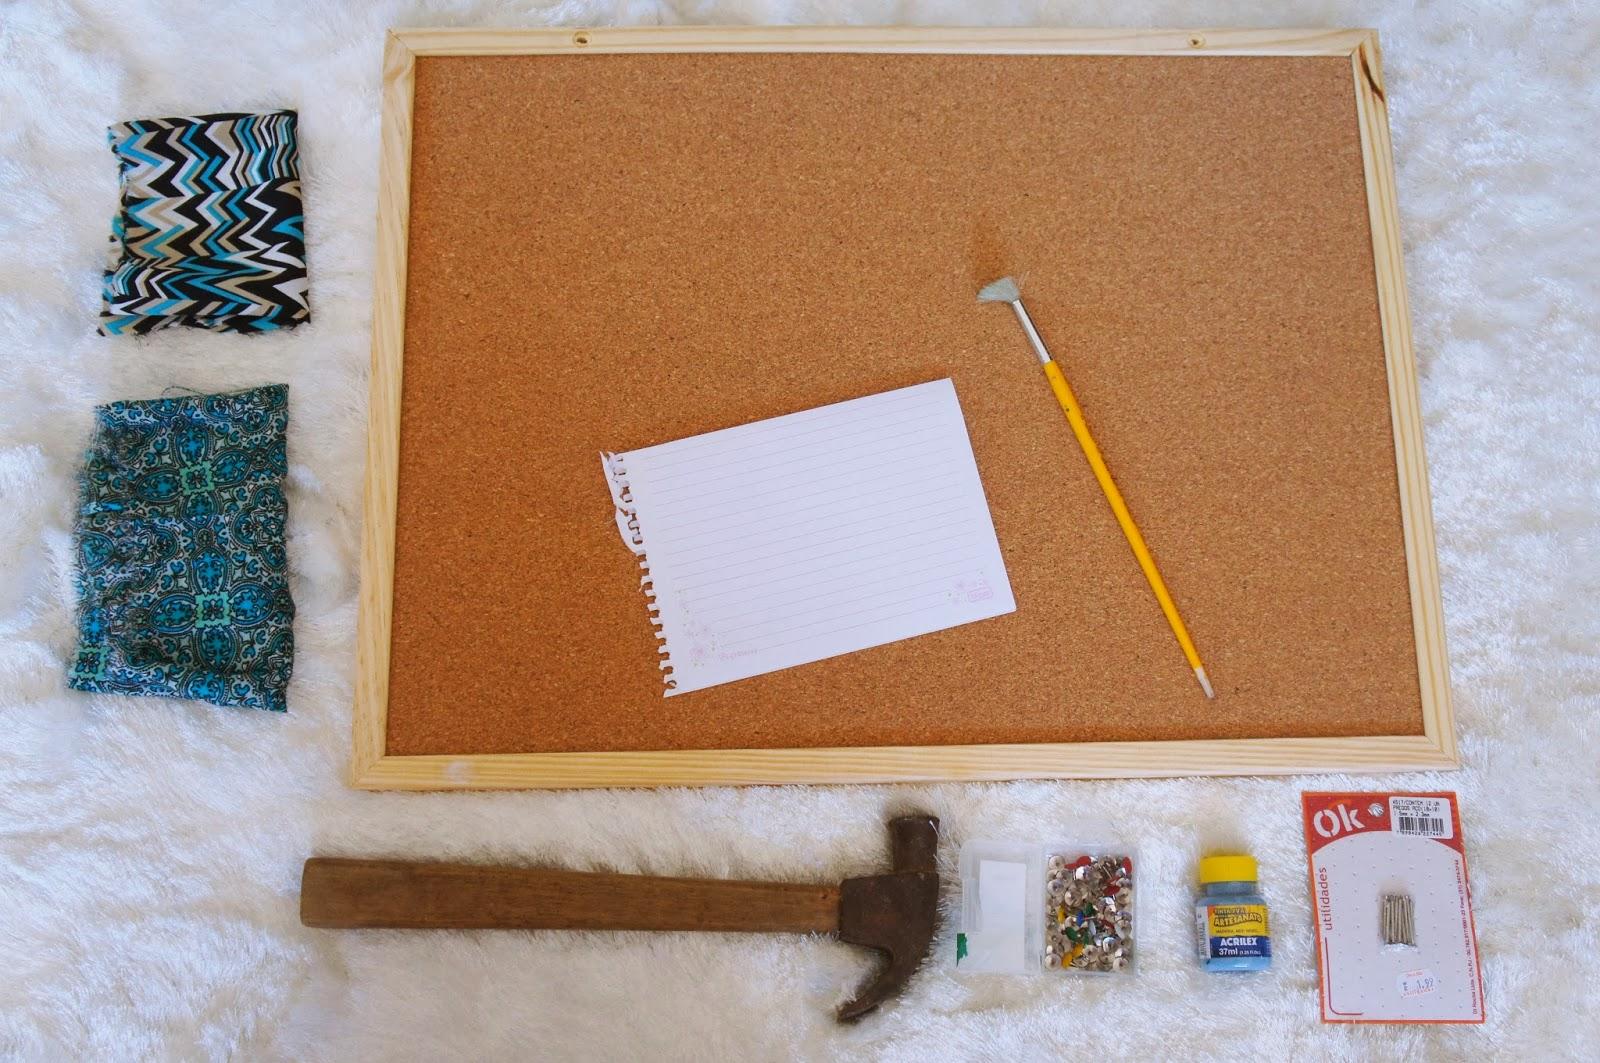 Diy mural de fotos ou recados bom bonito e barato d ris for Como fazer um mural de recados